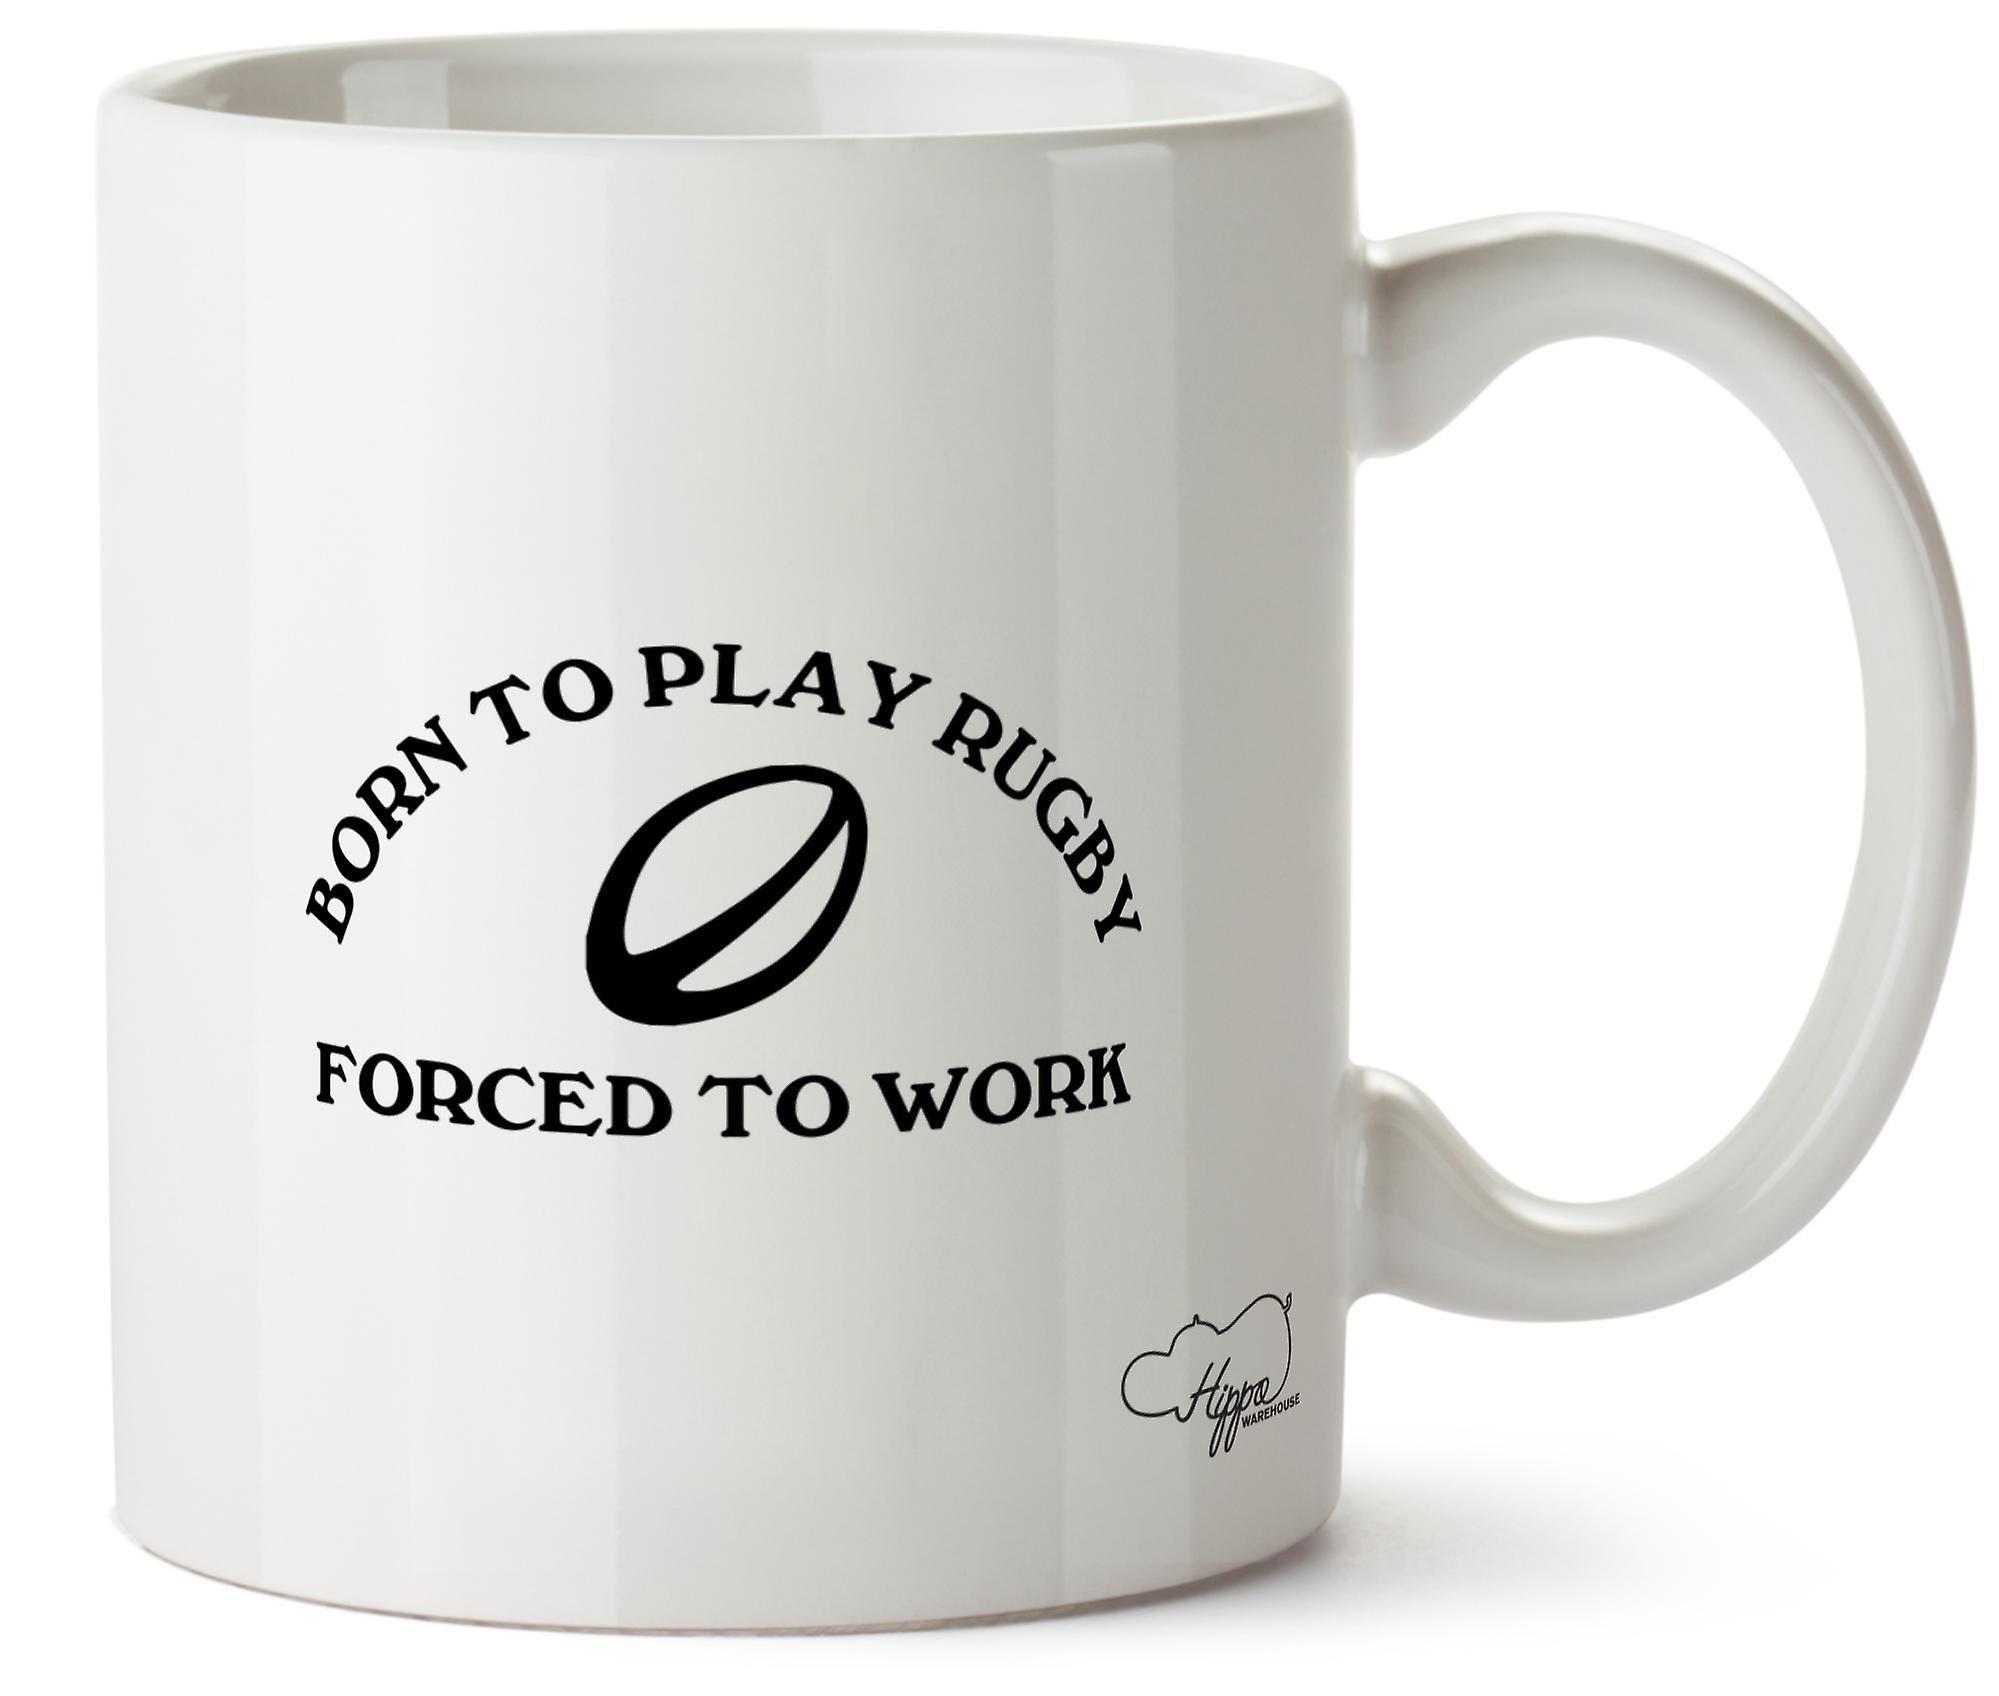 Hippowarehouse родился в играть в регби, вынуждены работать печатных кружка Кубок керамические 10oz